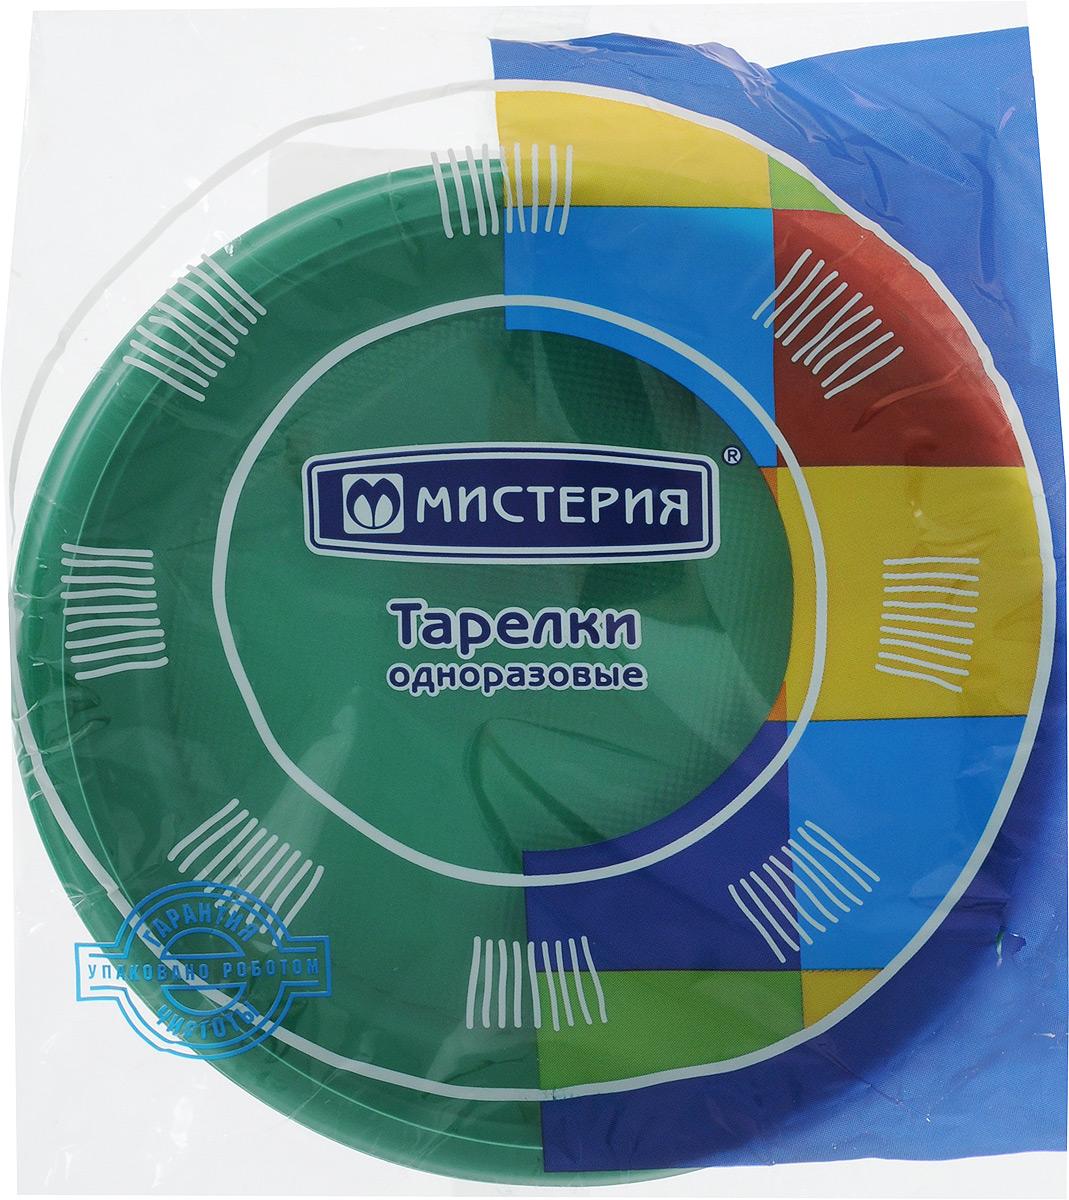 """Набор одноразовых десертных тарелок """"Мистерия"""", цвет: зеленый, диаметр 17 см, 12 шт 183590"""